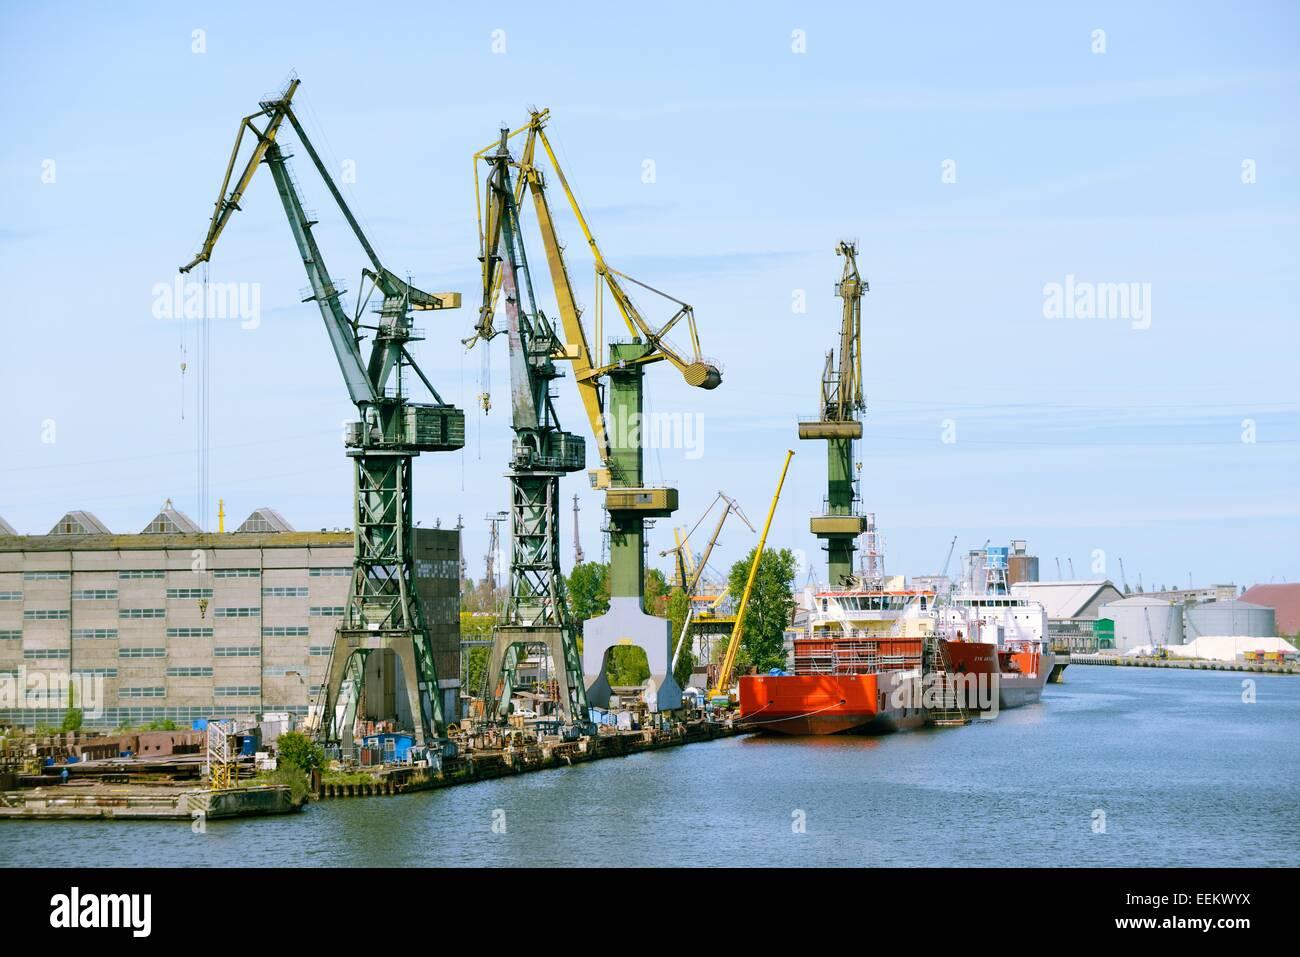 Gdansk Pologne. Quais du port et les entrepôts de Gdansk Stocznia S.A. sur la pointe sud de l'île Photo Stock